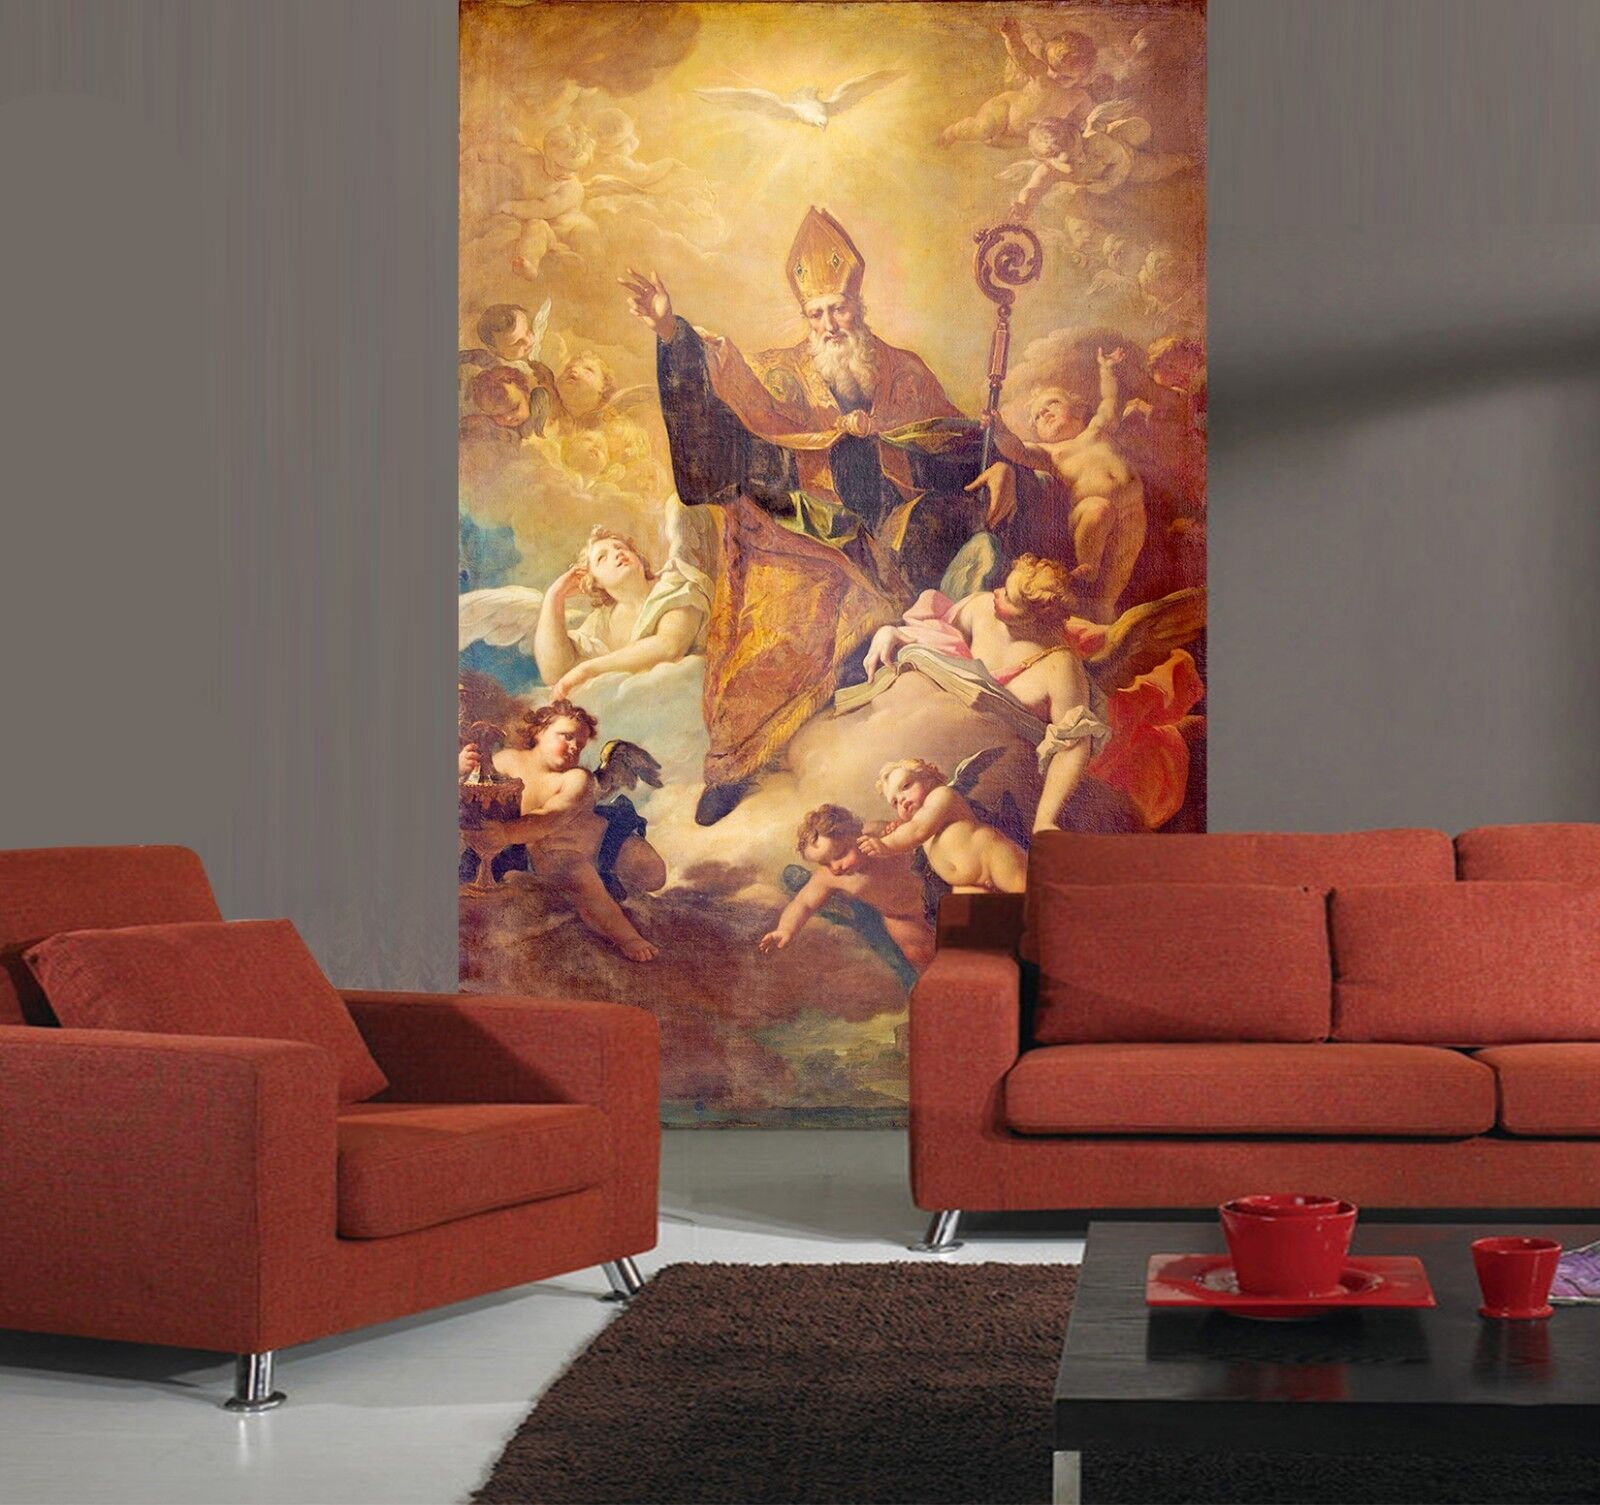 3D Taube Himmel Engel 11 Tapete Wandgemälde Tapete Tapeten Familie Kinde DE